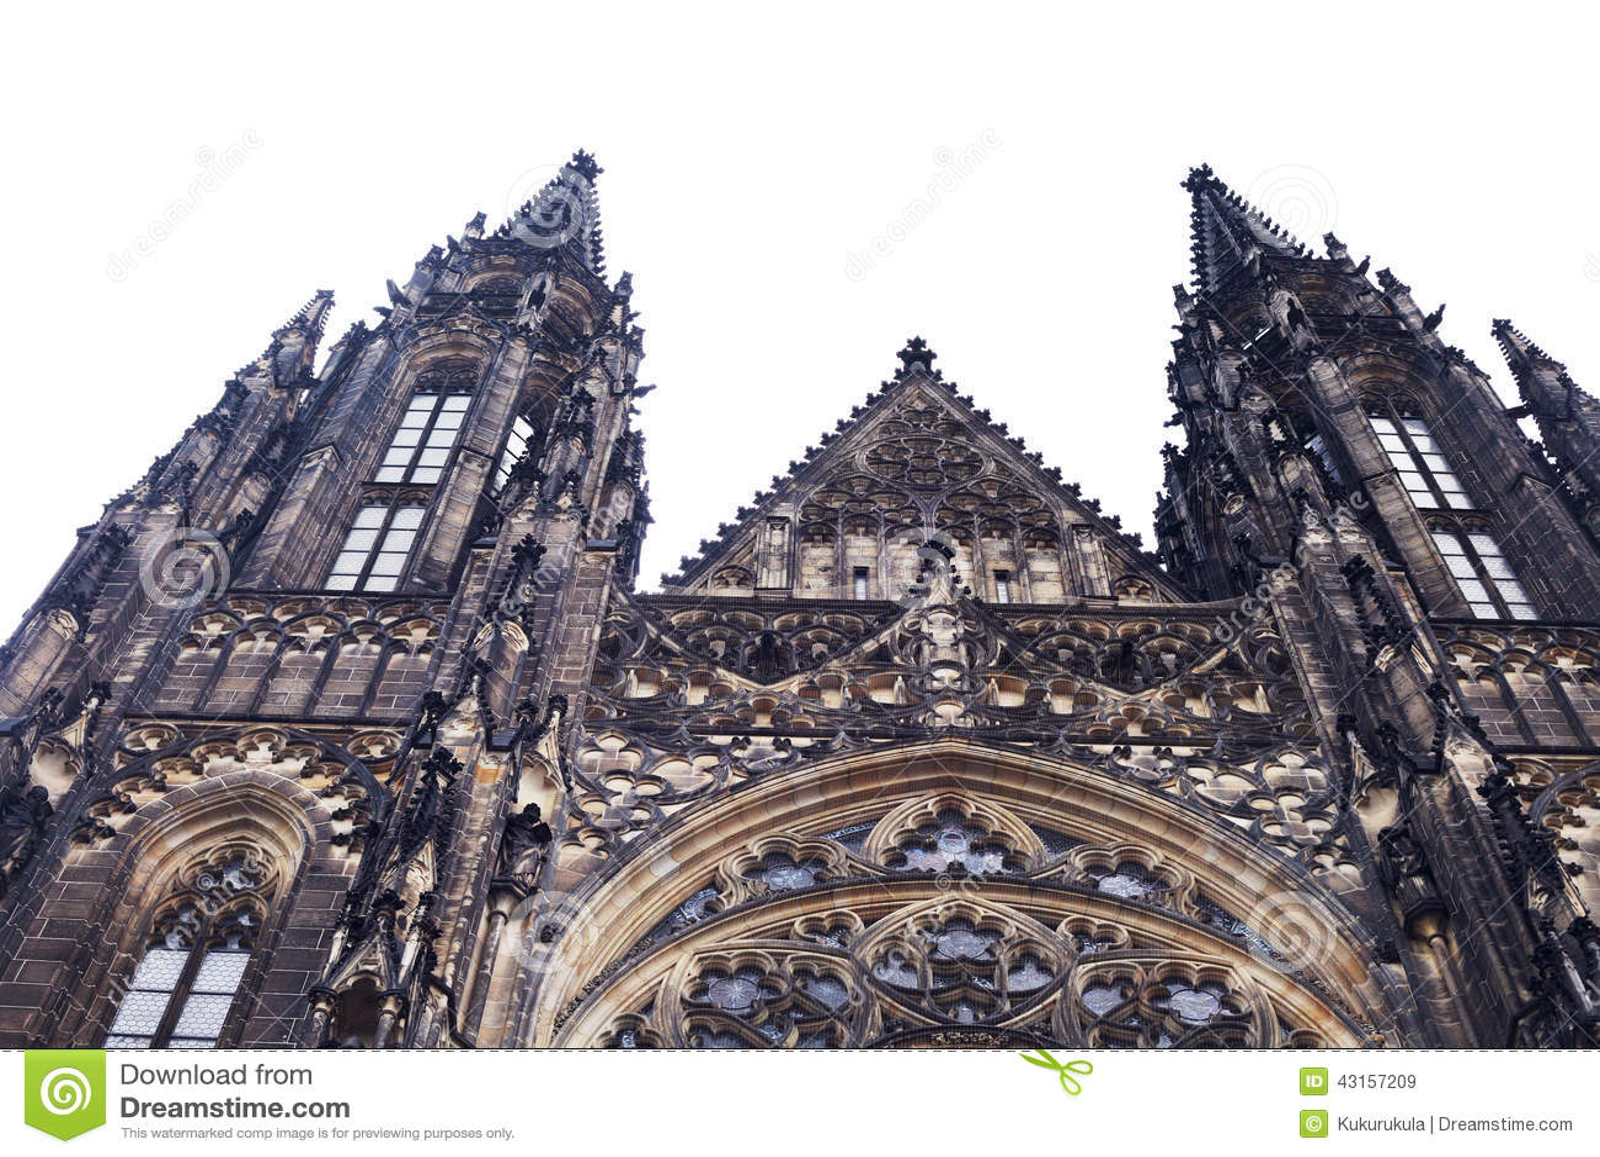 古色古香的新哥特式建筑学教堂图片